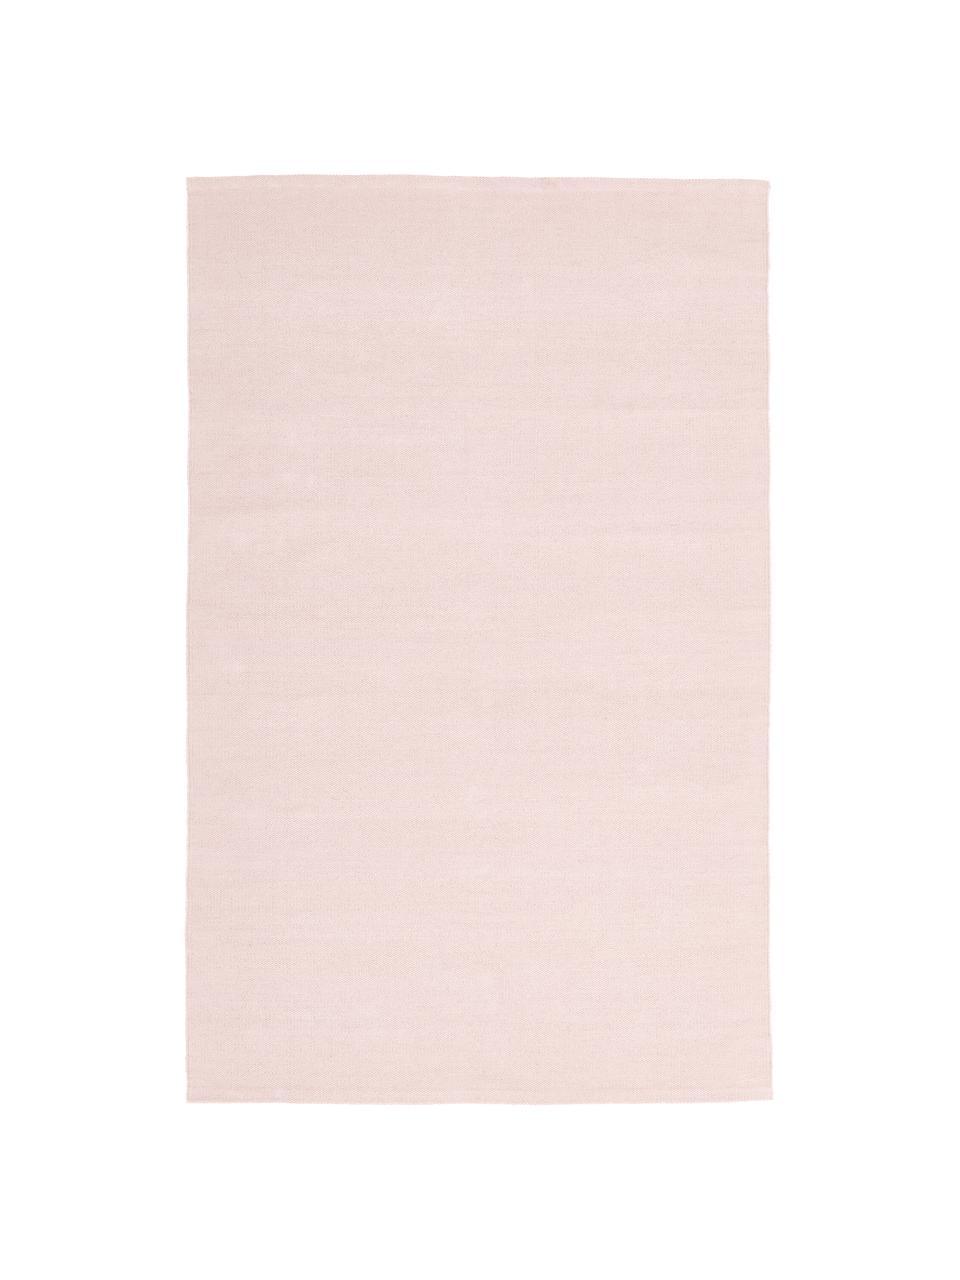 Tappeto in cotone tessuto a mano Agneta, 100% cotone, Rosa, Larg. 120 x Lung. 180 cm (taglia S)